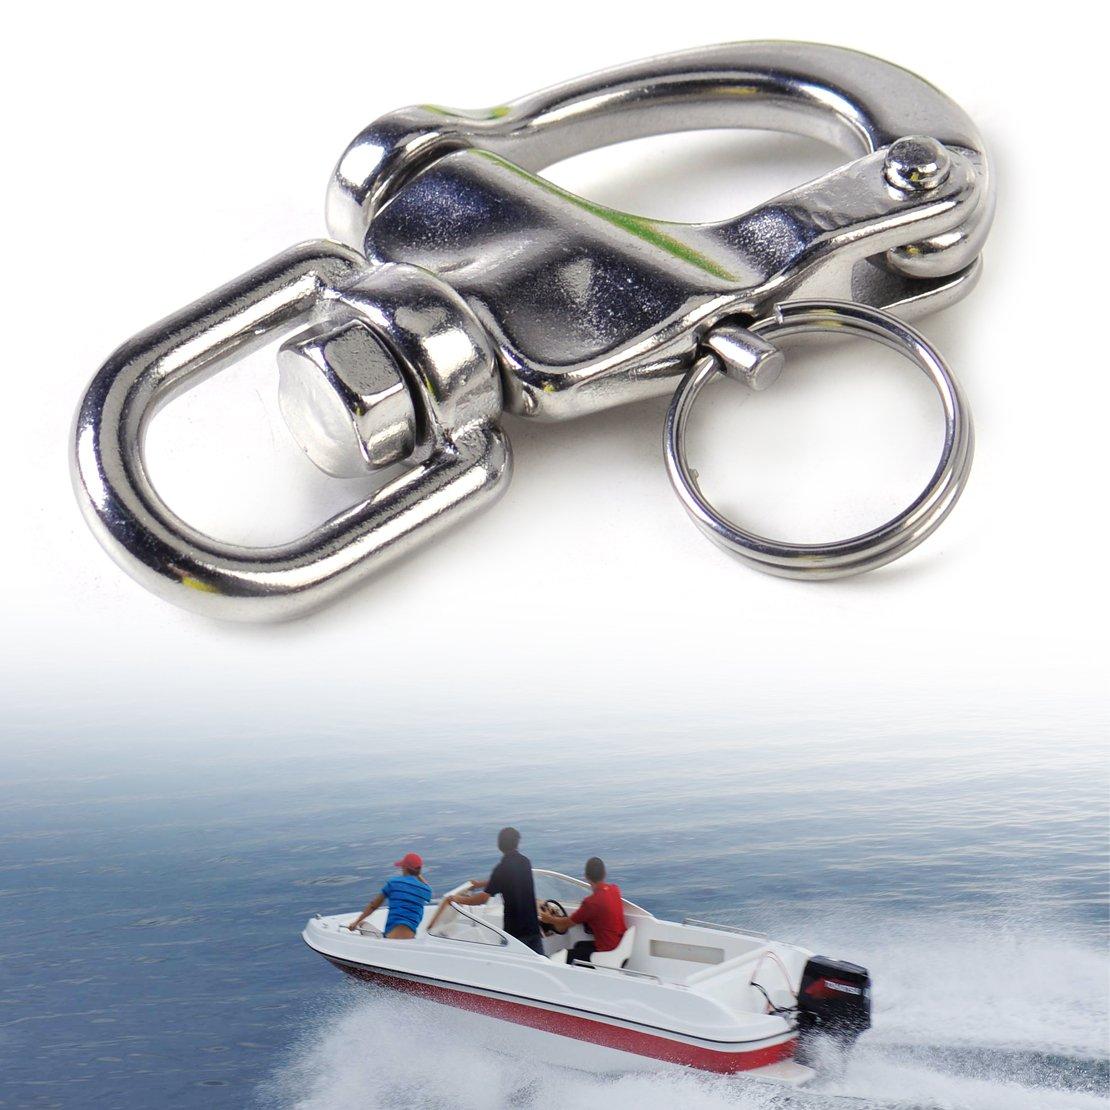 beler 2-3/4' Stainless Steel Swivel Snap Shackles for Sailboat hermeshine